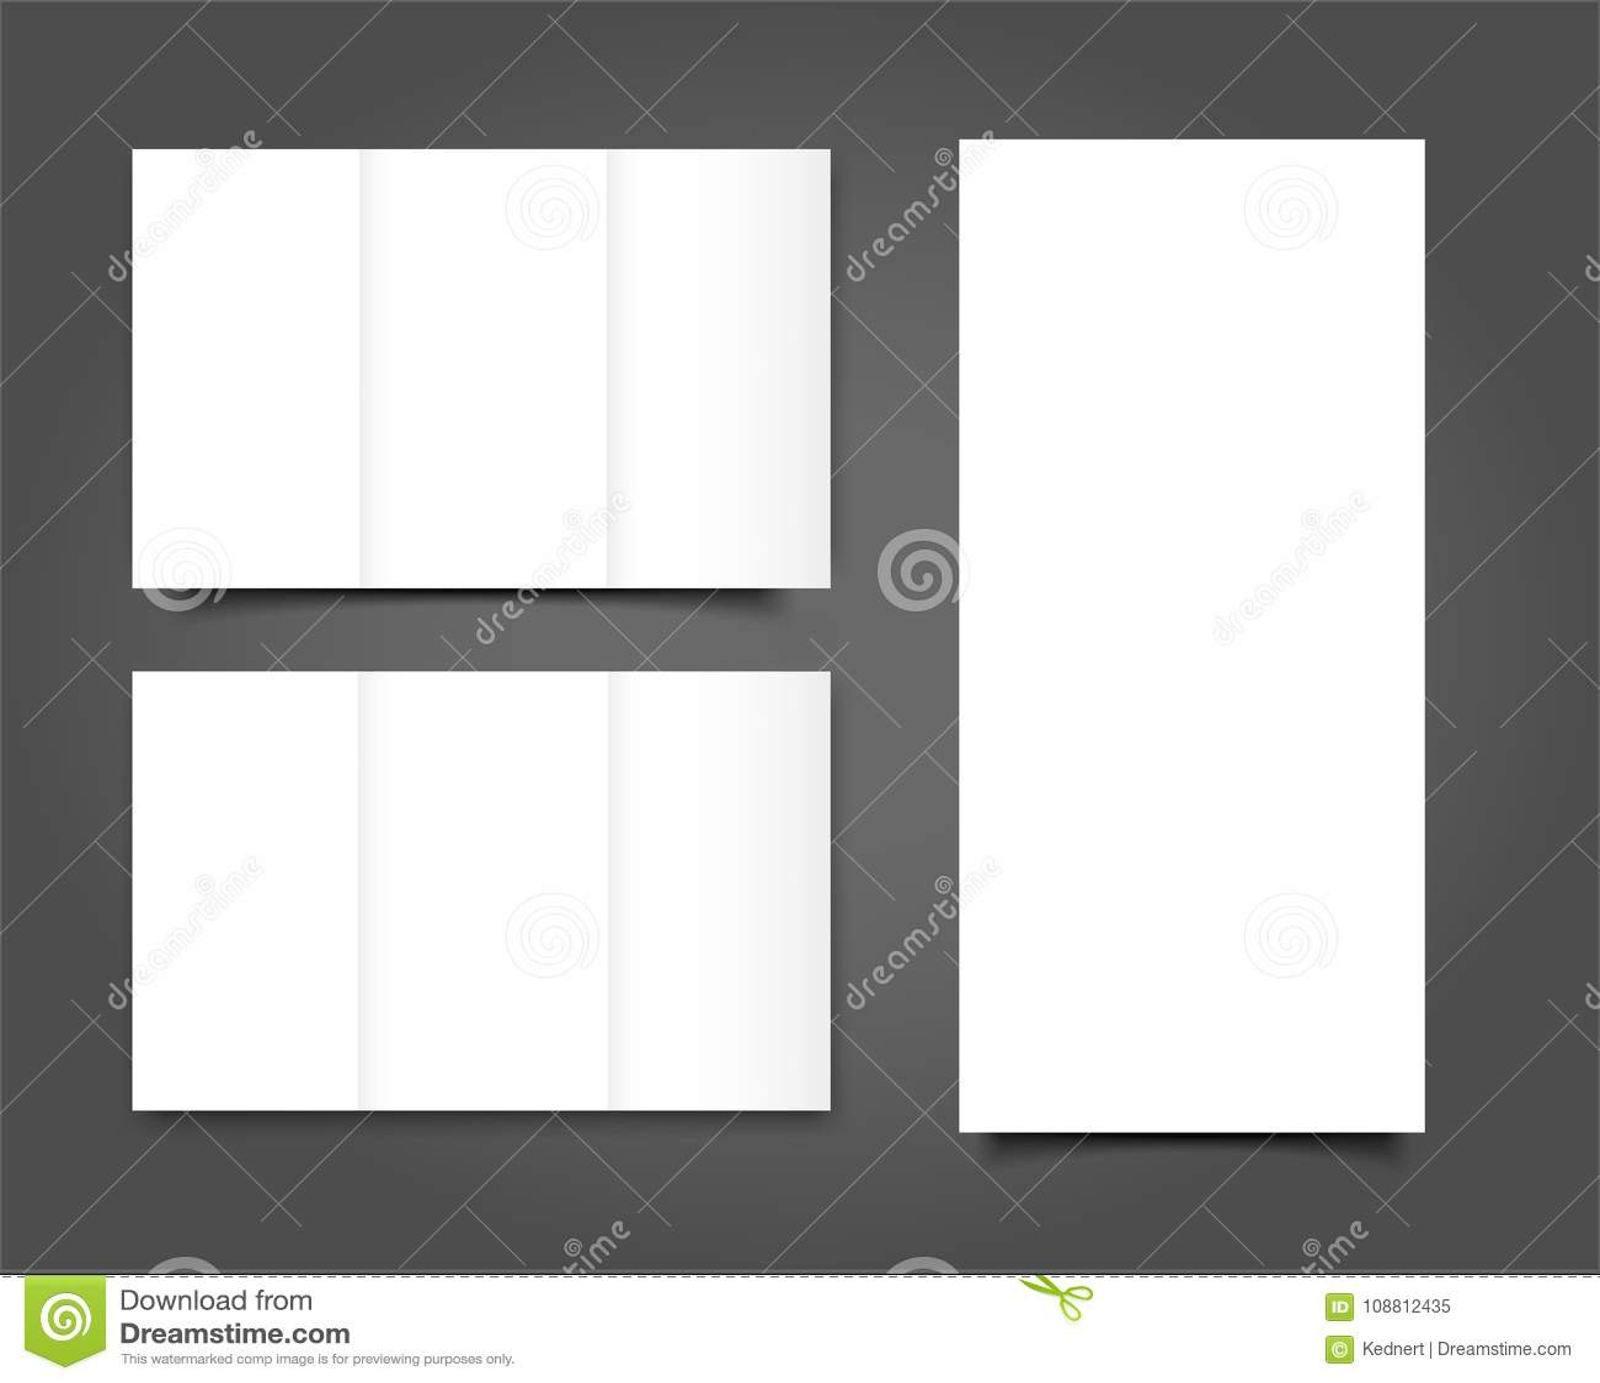 套画象盖子的空白的三部合成的小册子嘲笑 查出